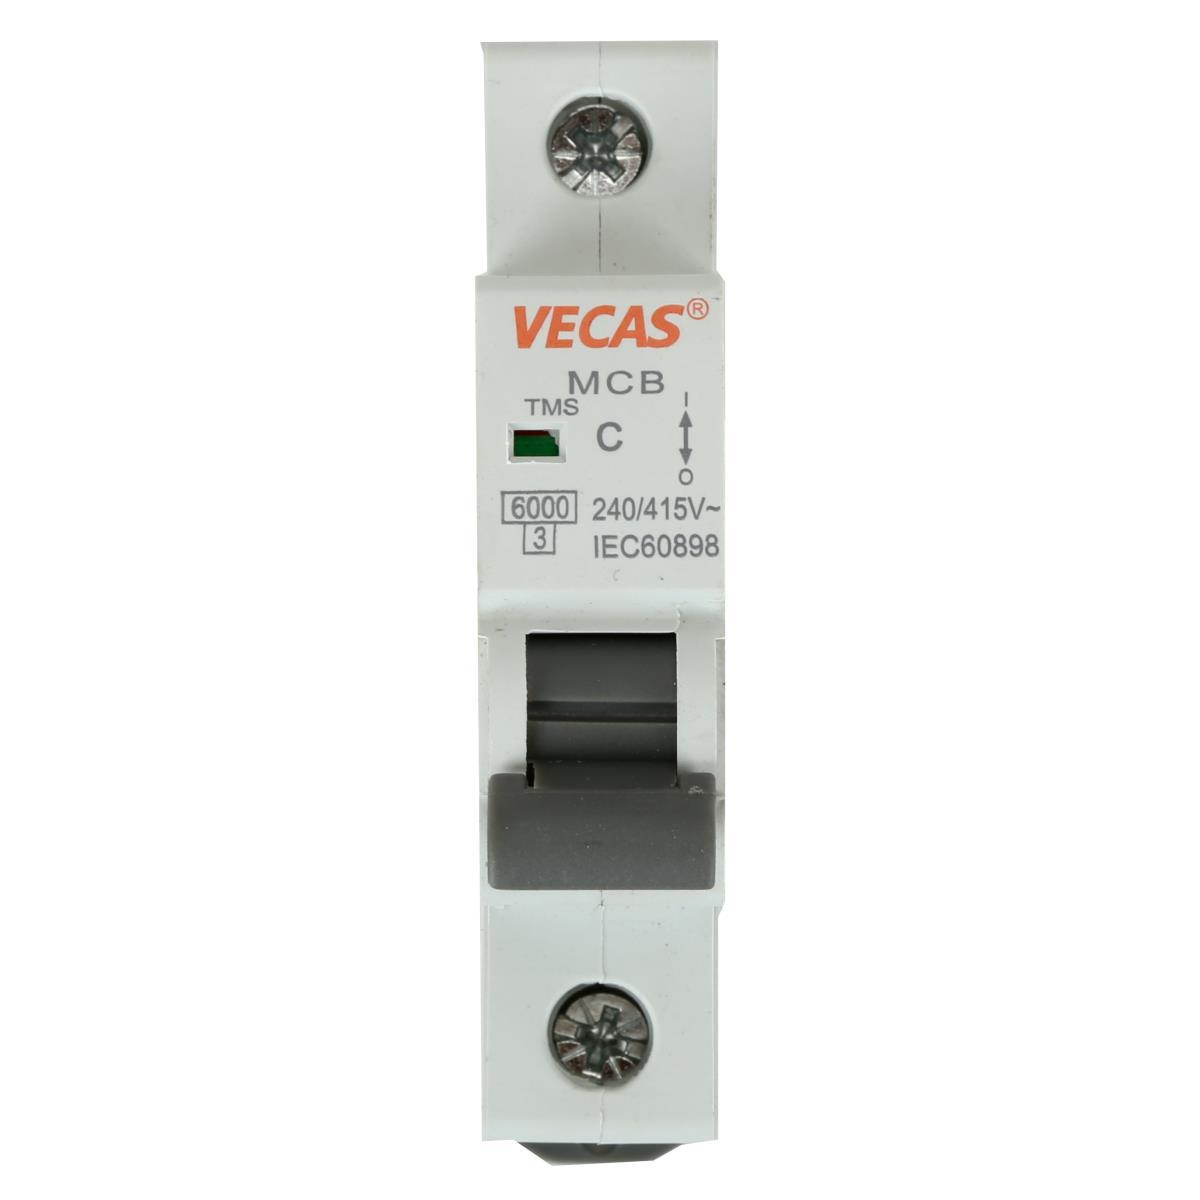 Leitungsschutzschalter Sicherungsautomat  C, 1-polig, 32A LS-Schalter,Vecas,L7-32-1-C, 4770364101373